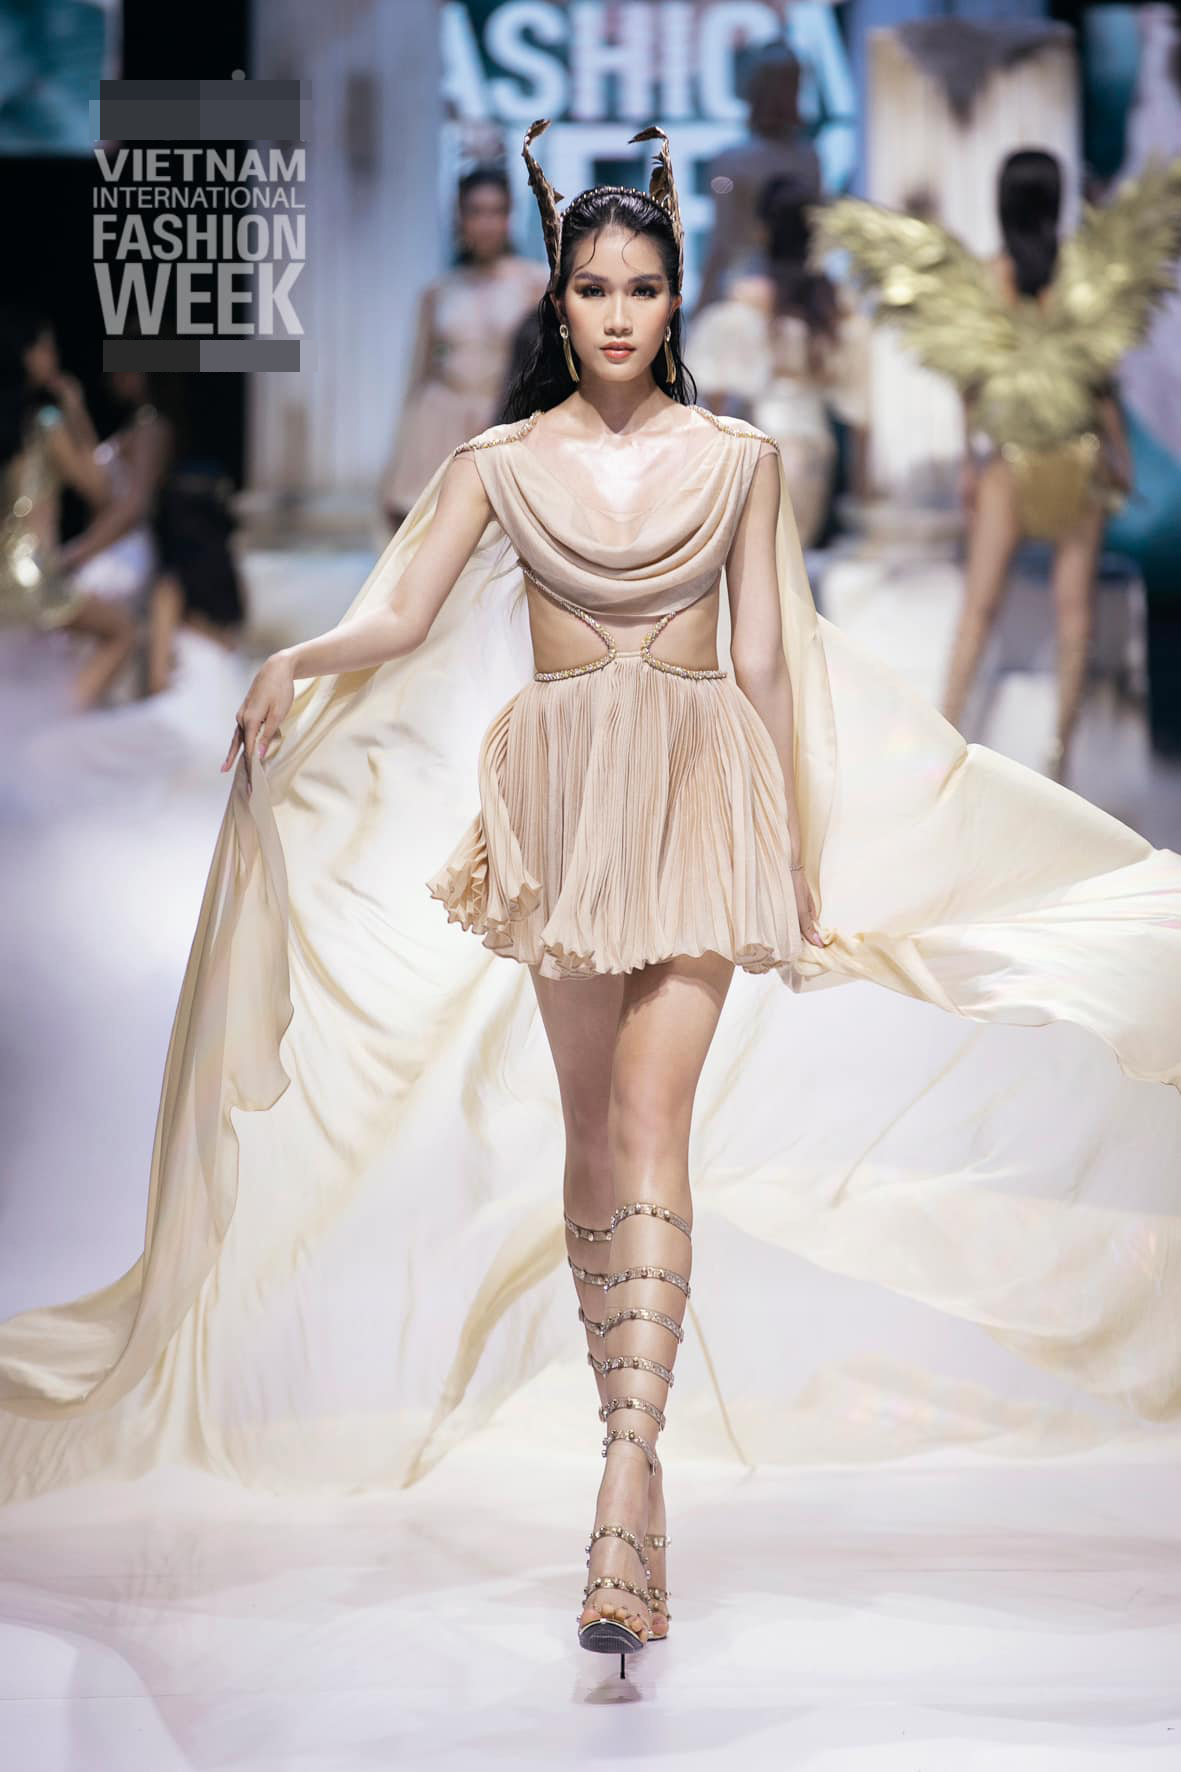 Gu thời trang 'thăng hạng' đầy gợi cảm của Á hậu Phương Anh sau 1 tháng nhận danh hiệu ảnh 11